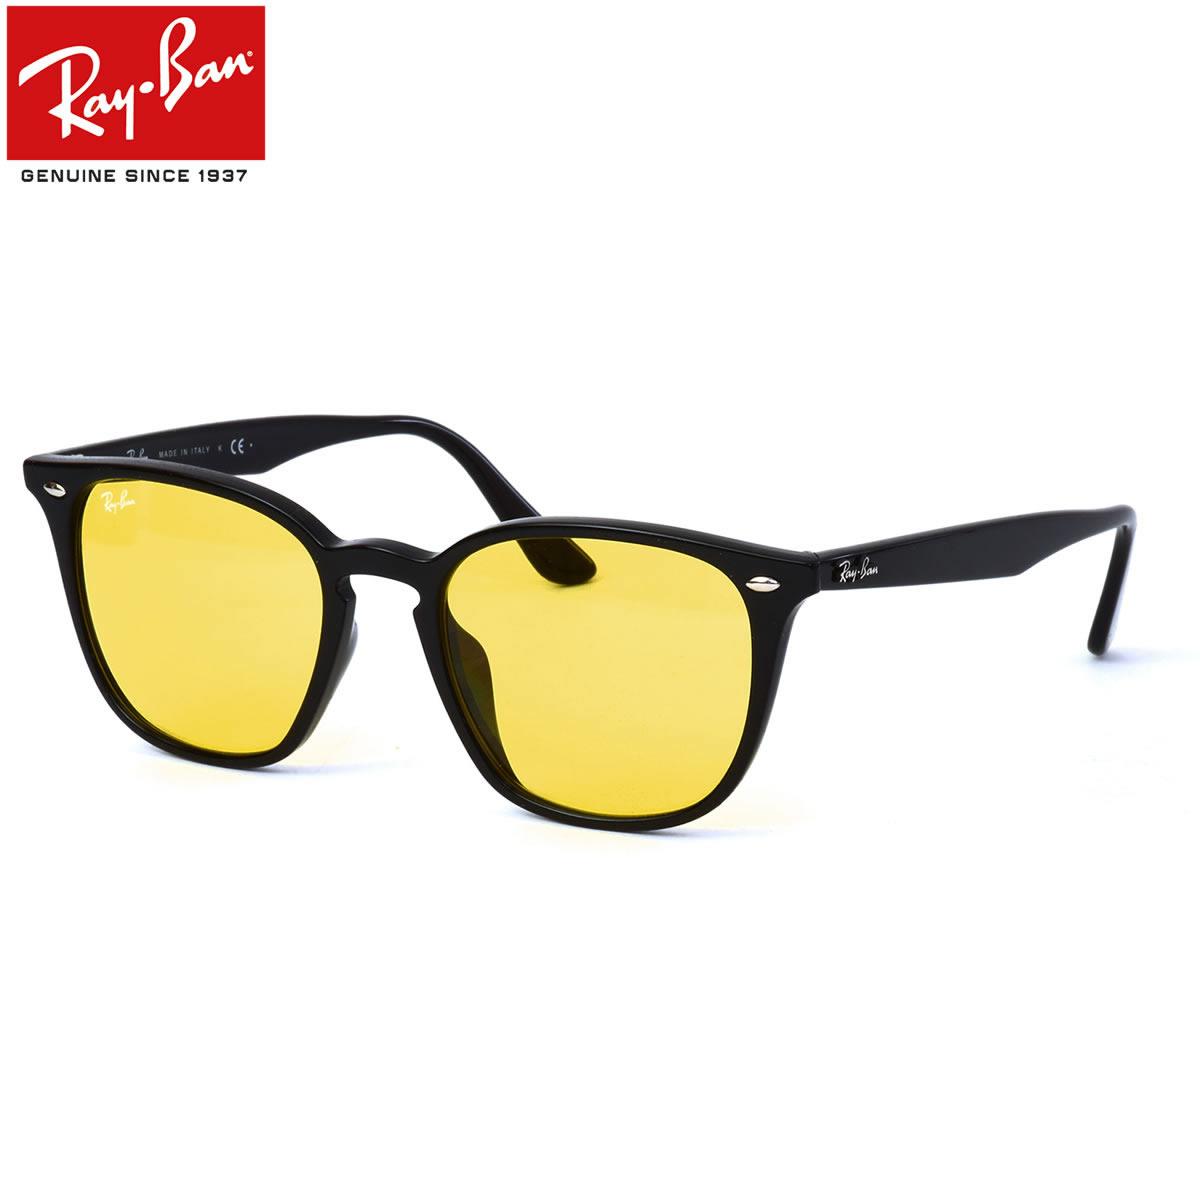 Ray-Ban レイバン サングラス RB4258F 601/85 52サイズ 国内正規品 WASHED LENSES ウォッシュドレンズ フルフィット ライトカラーレンズ 黒縁 メンズ レディース